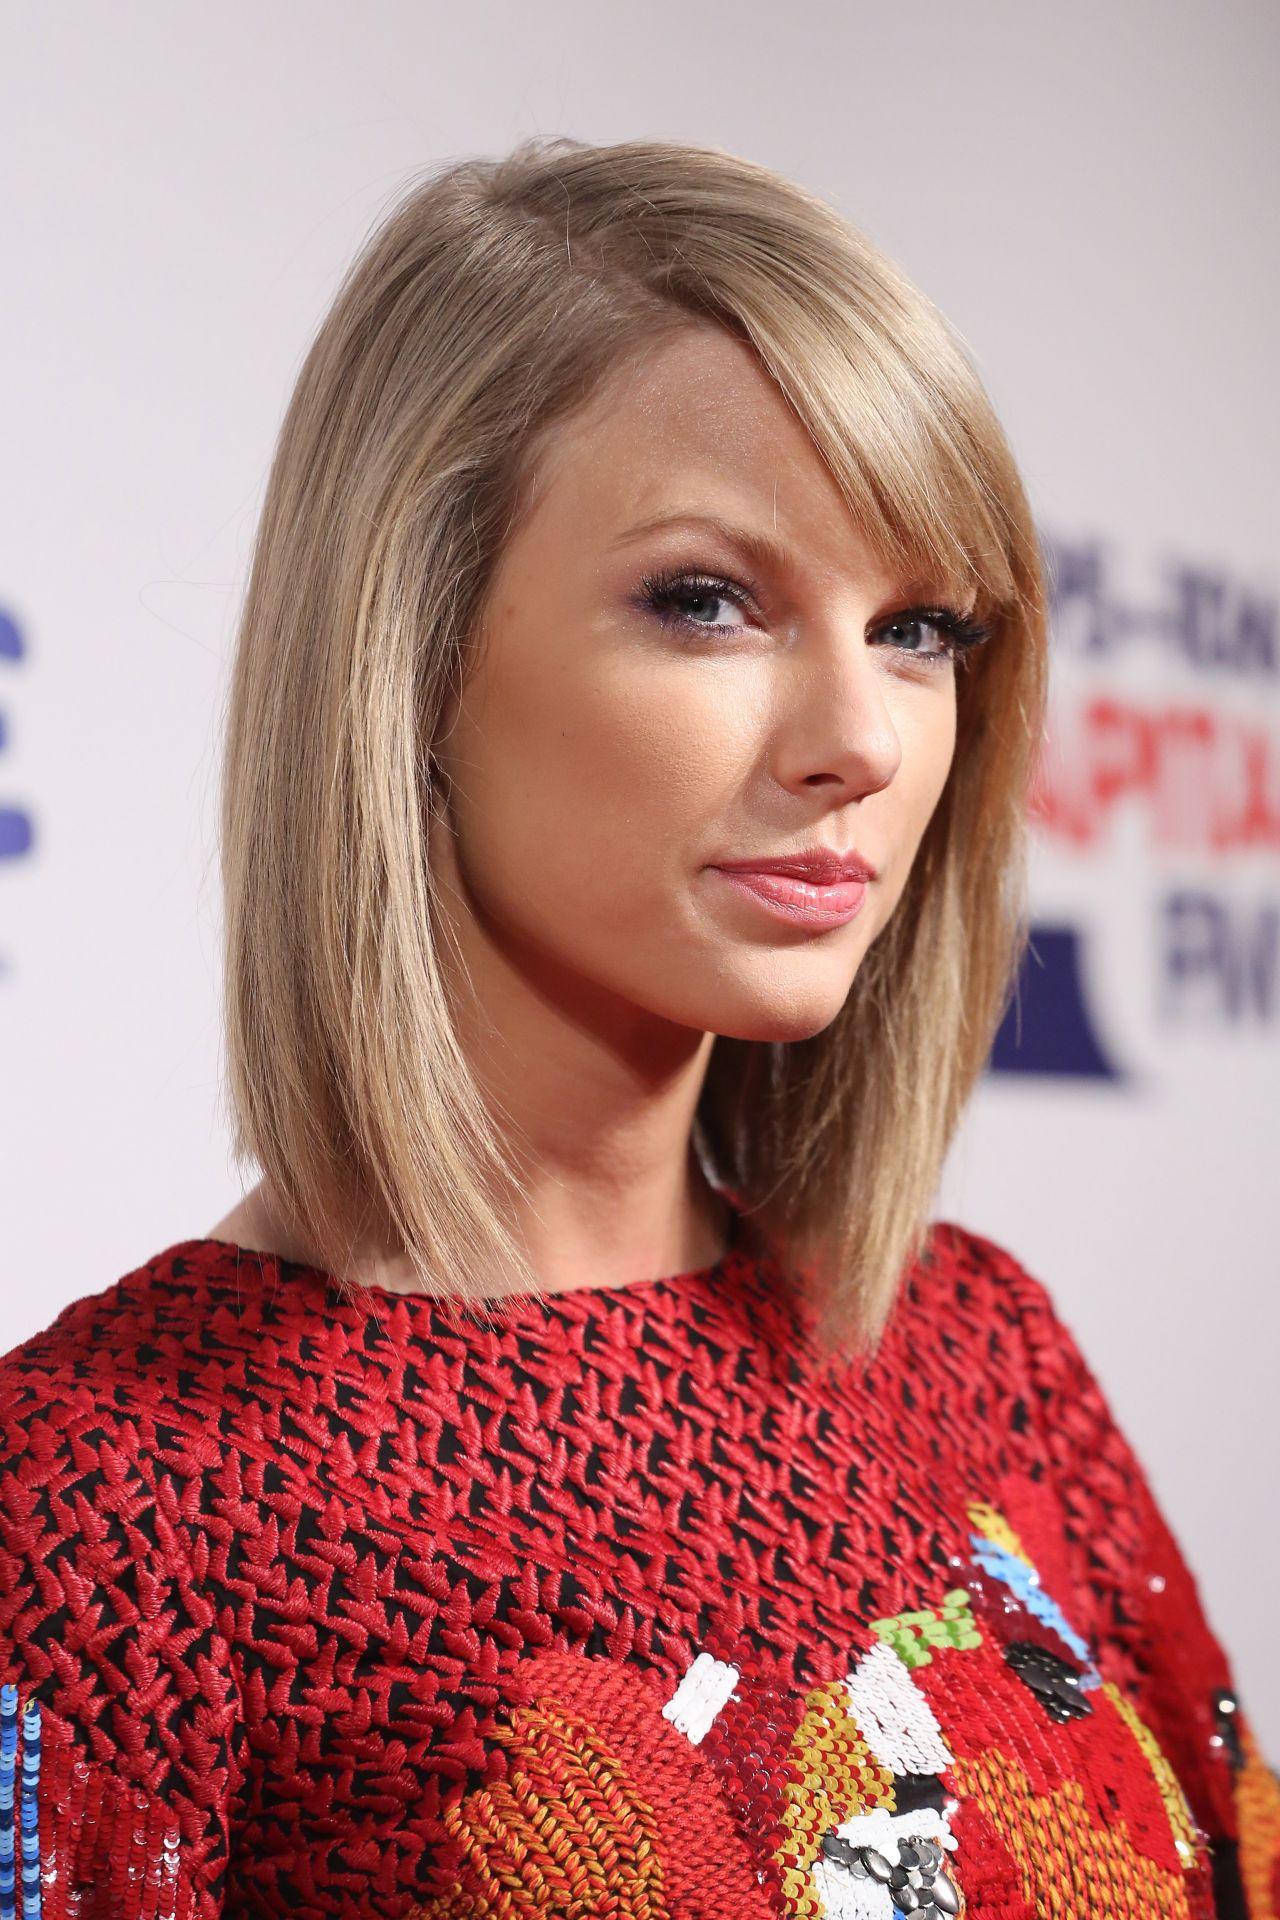 Taylor Swift - 2014 Capital FM's Jingle Bell Ball in London Taylor Swift